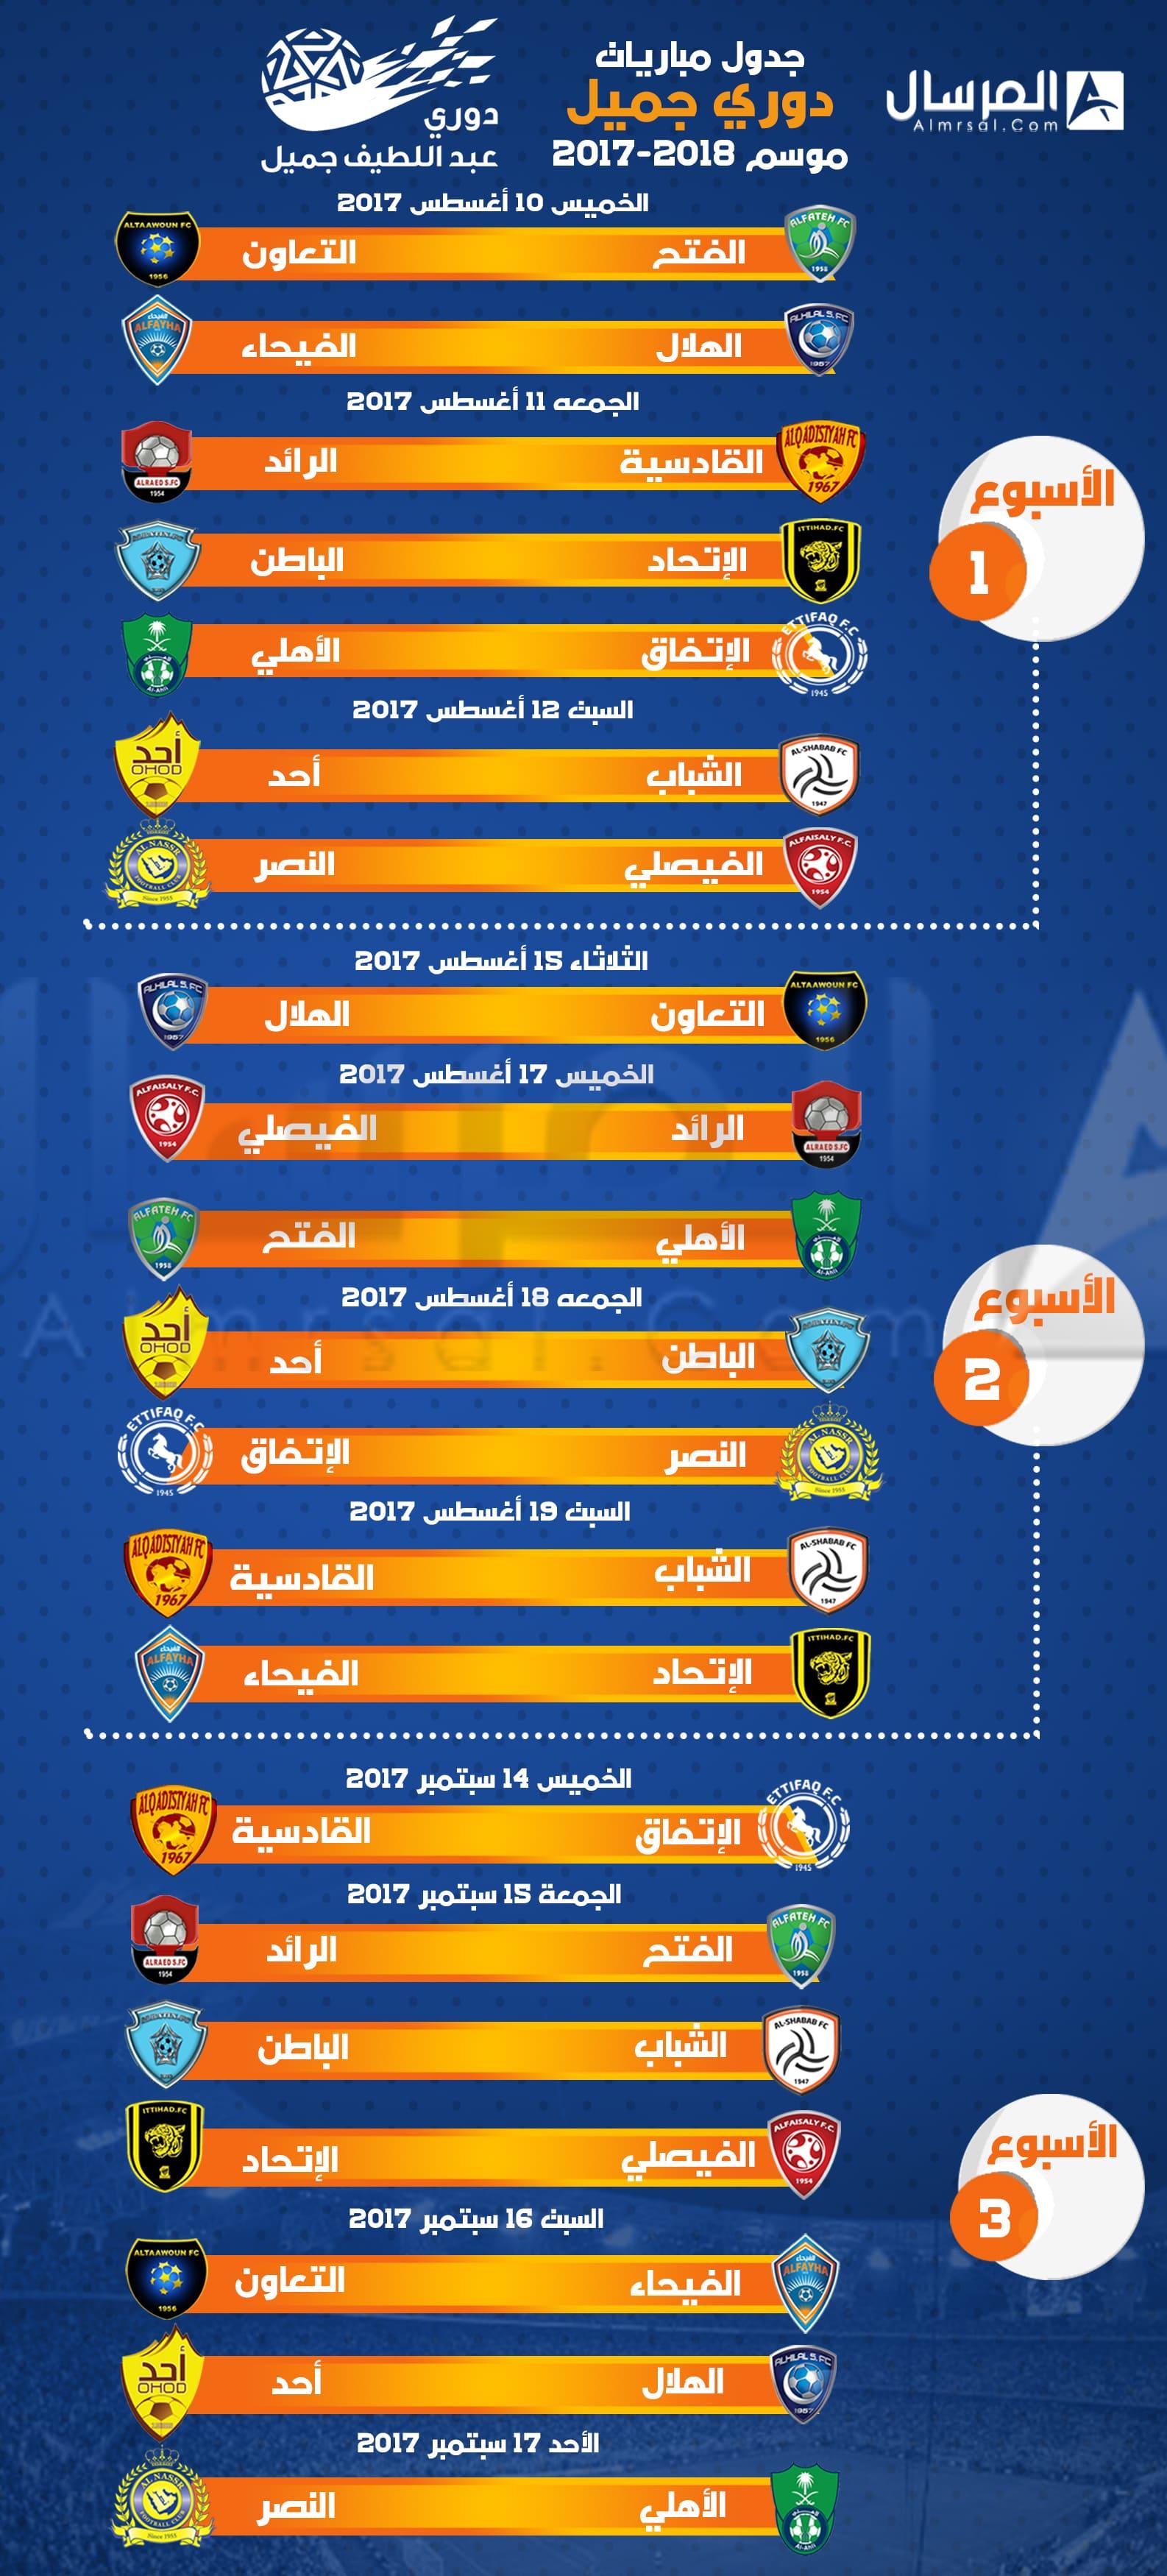 جدول مباريات دوري جميل لعام 2017 2018 م المرسال